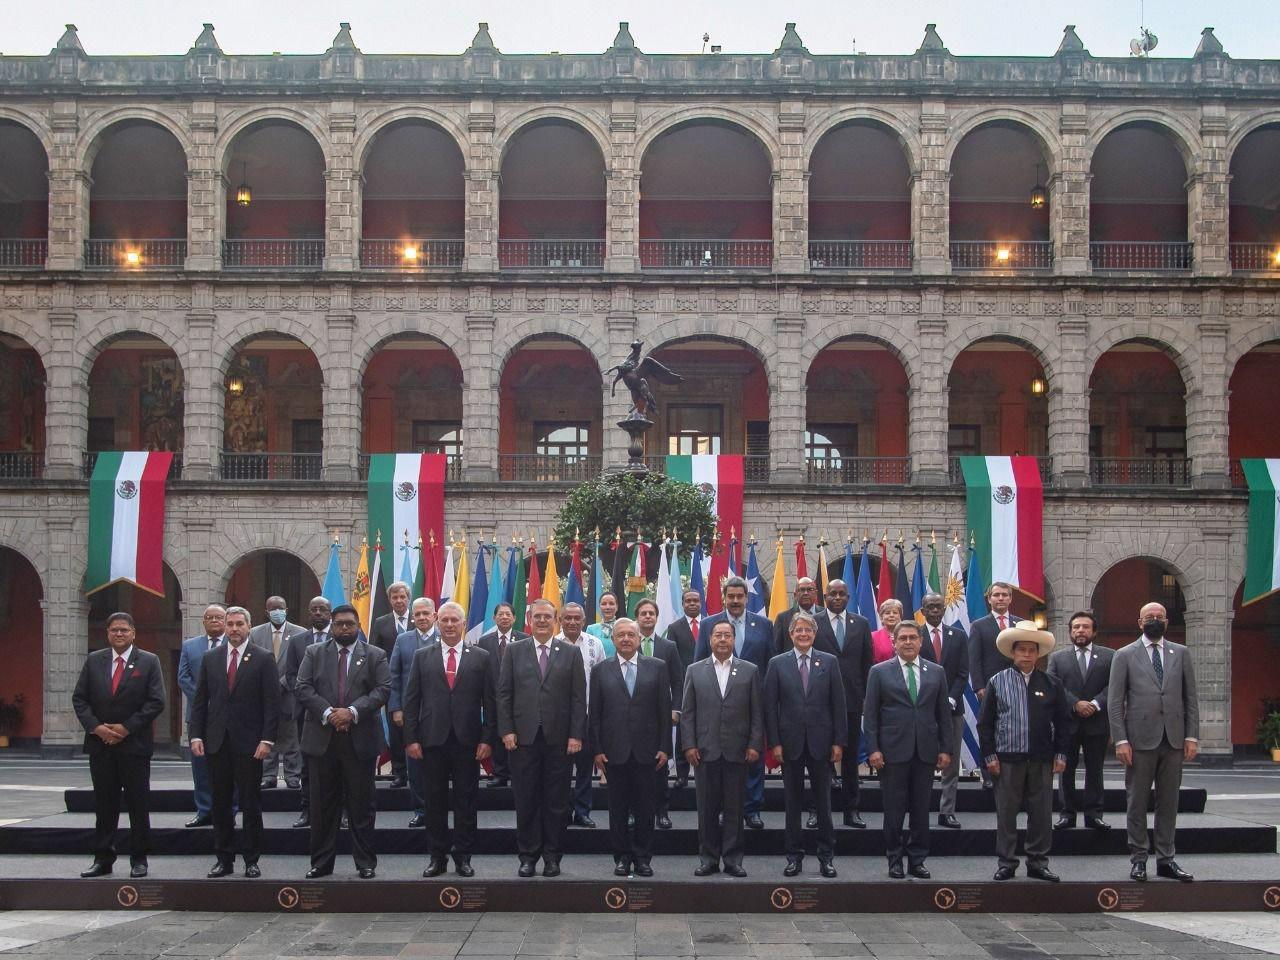 Andrés Manuel López Obrador, presidente de México, presidió la VI Cumbre de de la Comunidad de Estados Latinoamericanos y Caribeños (CELAC), llevada a cabo en Palacio Nacional.